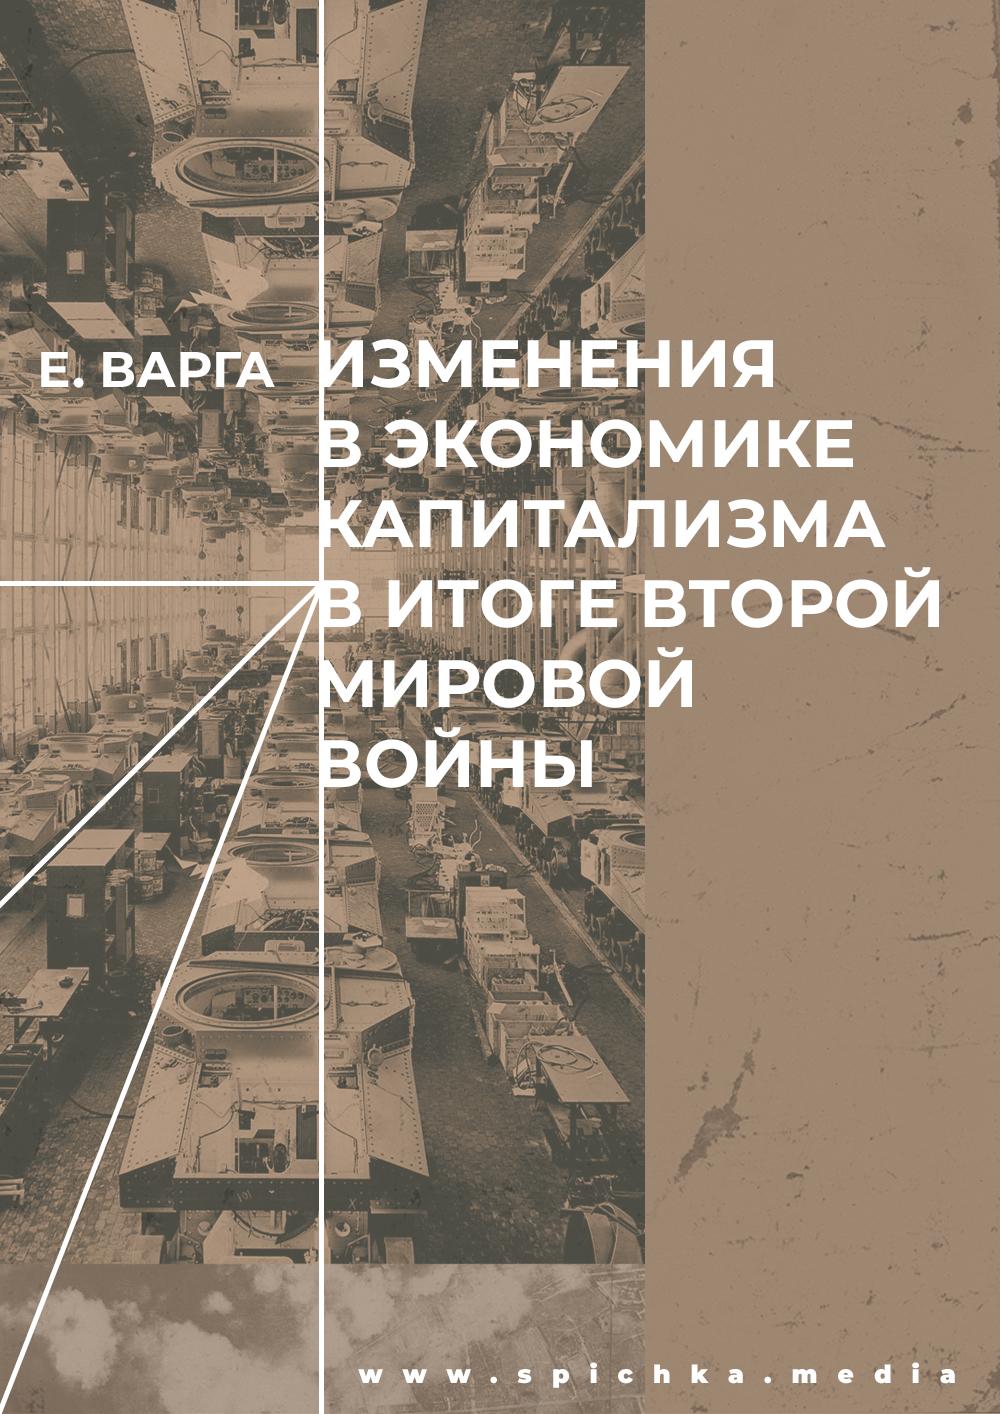 Евгений Варга и послевоенный капитализм